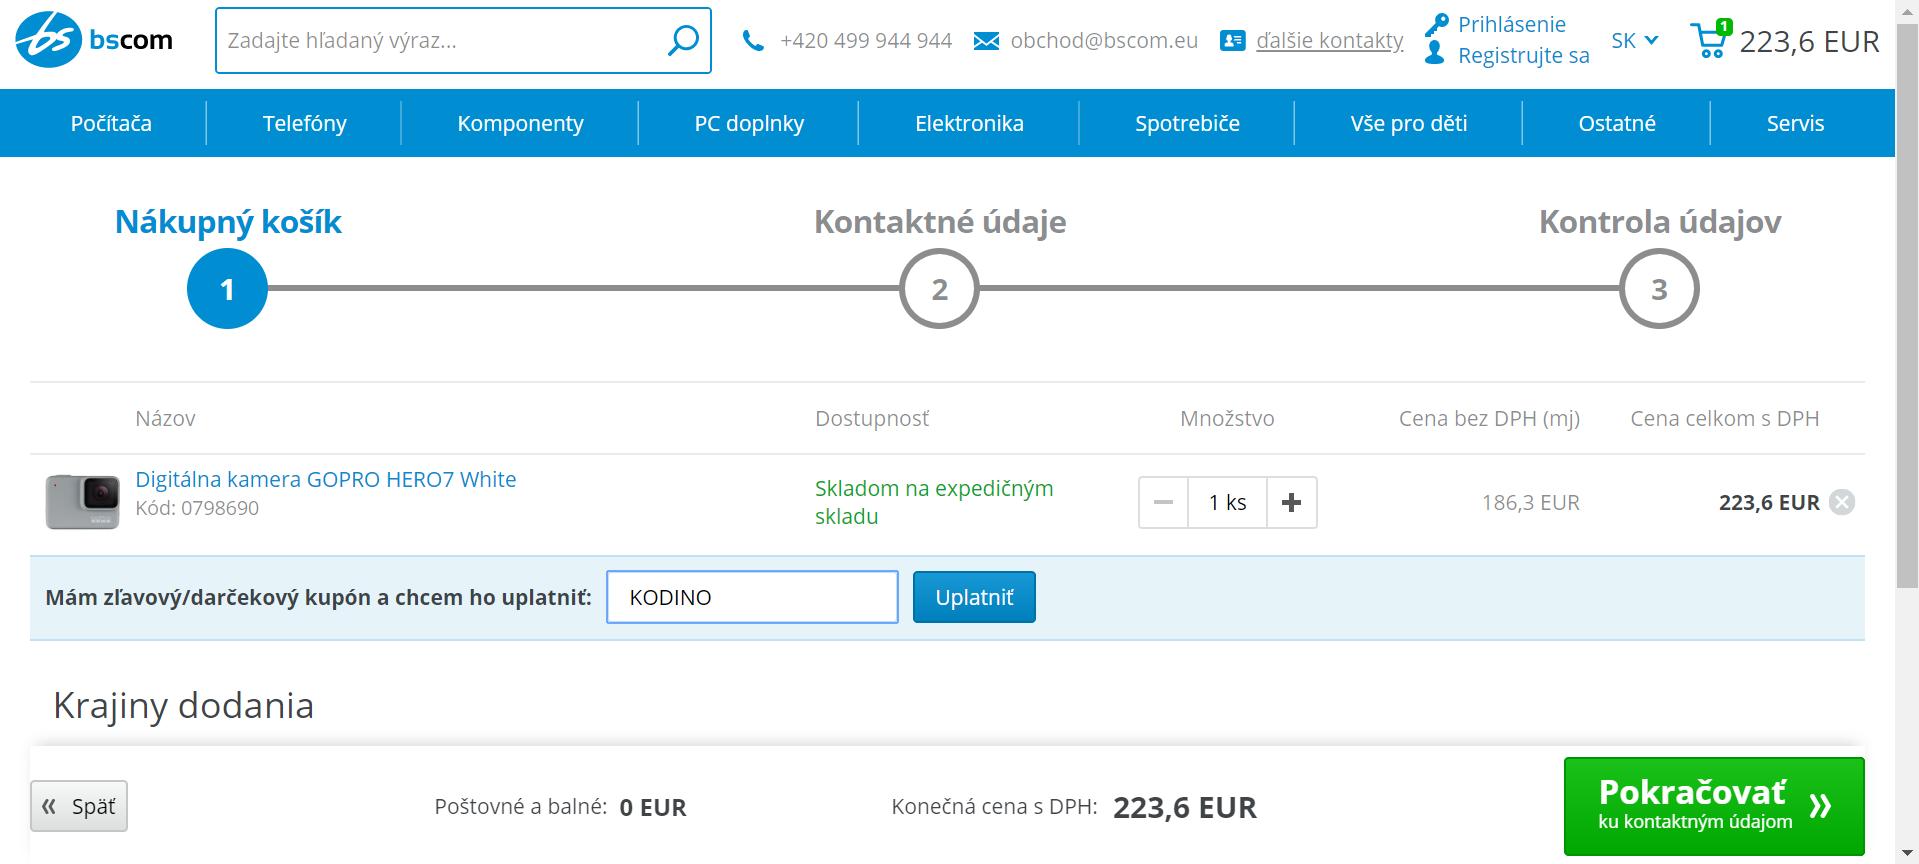 BScom.eu